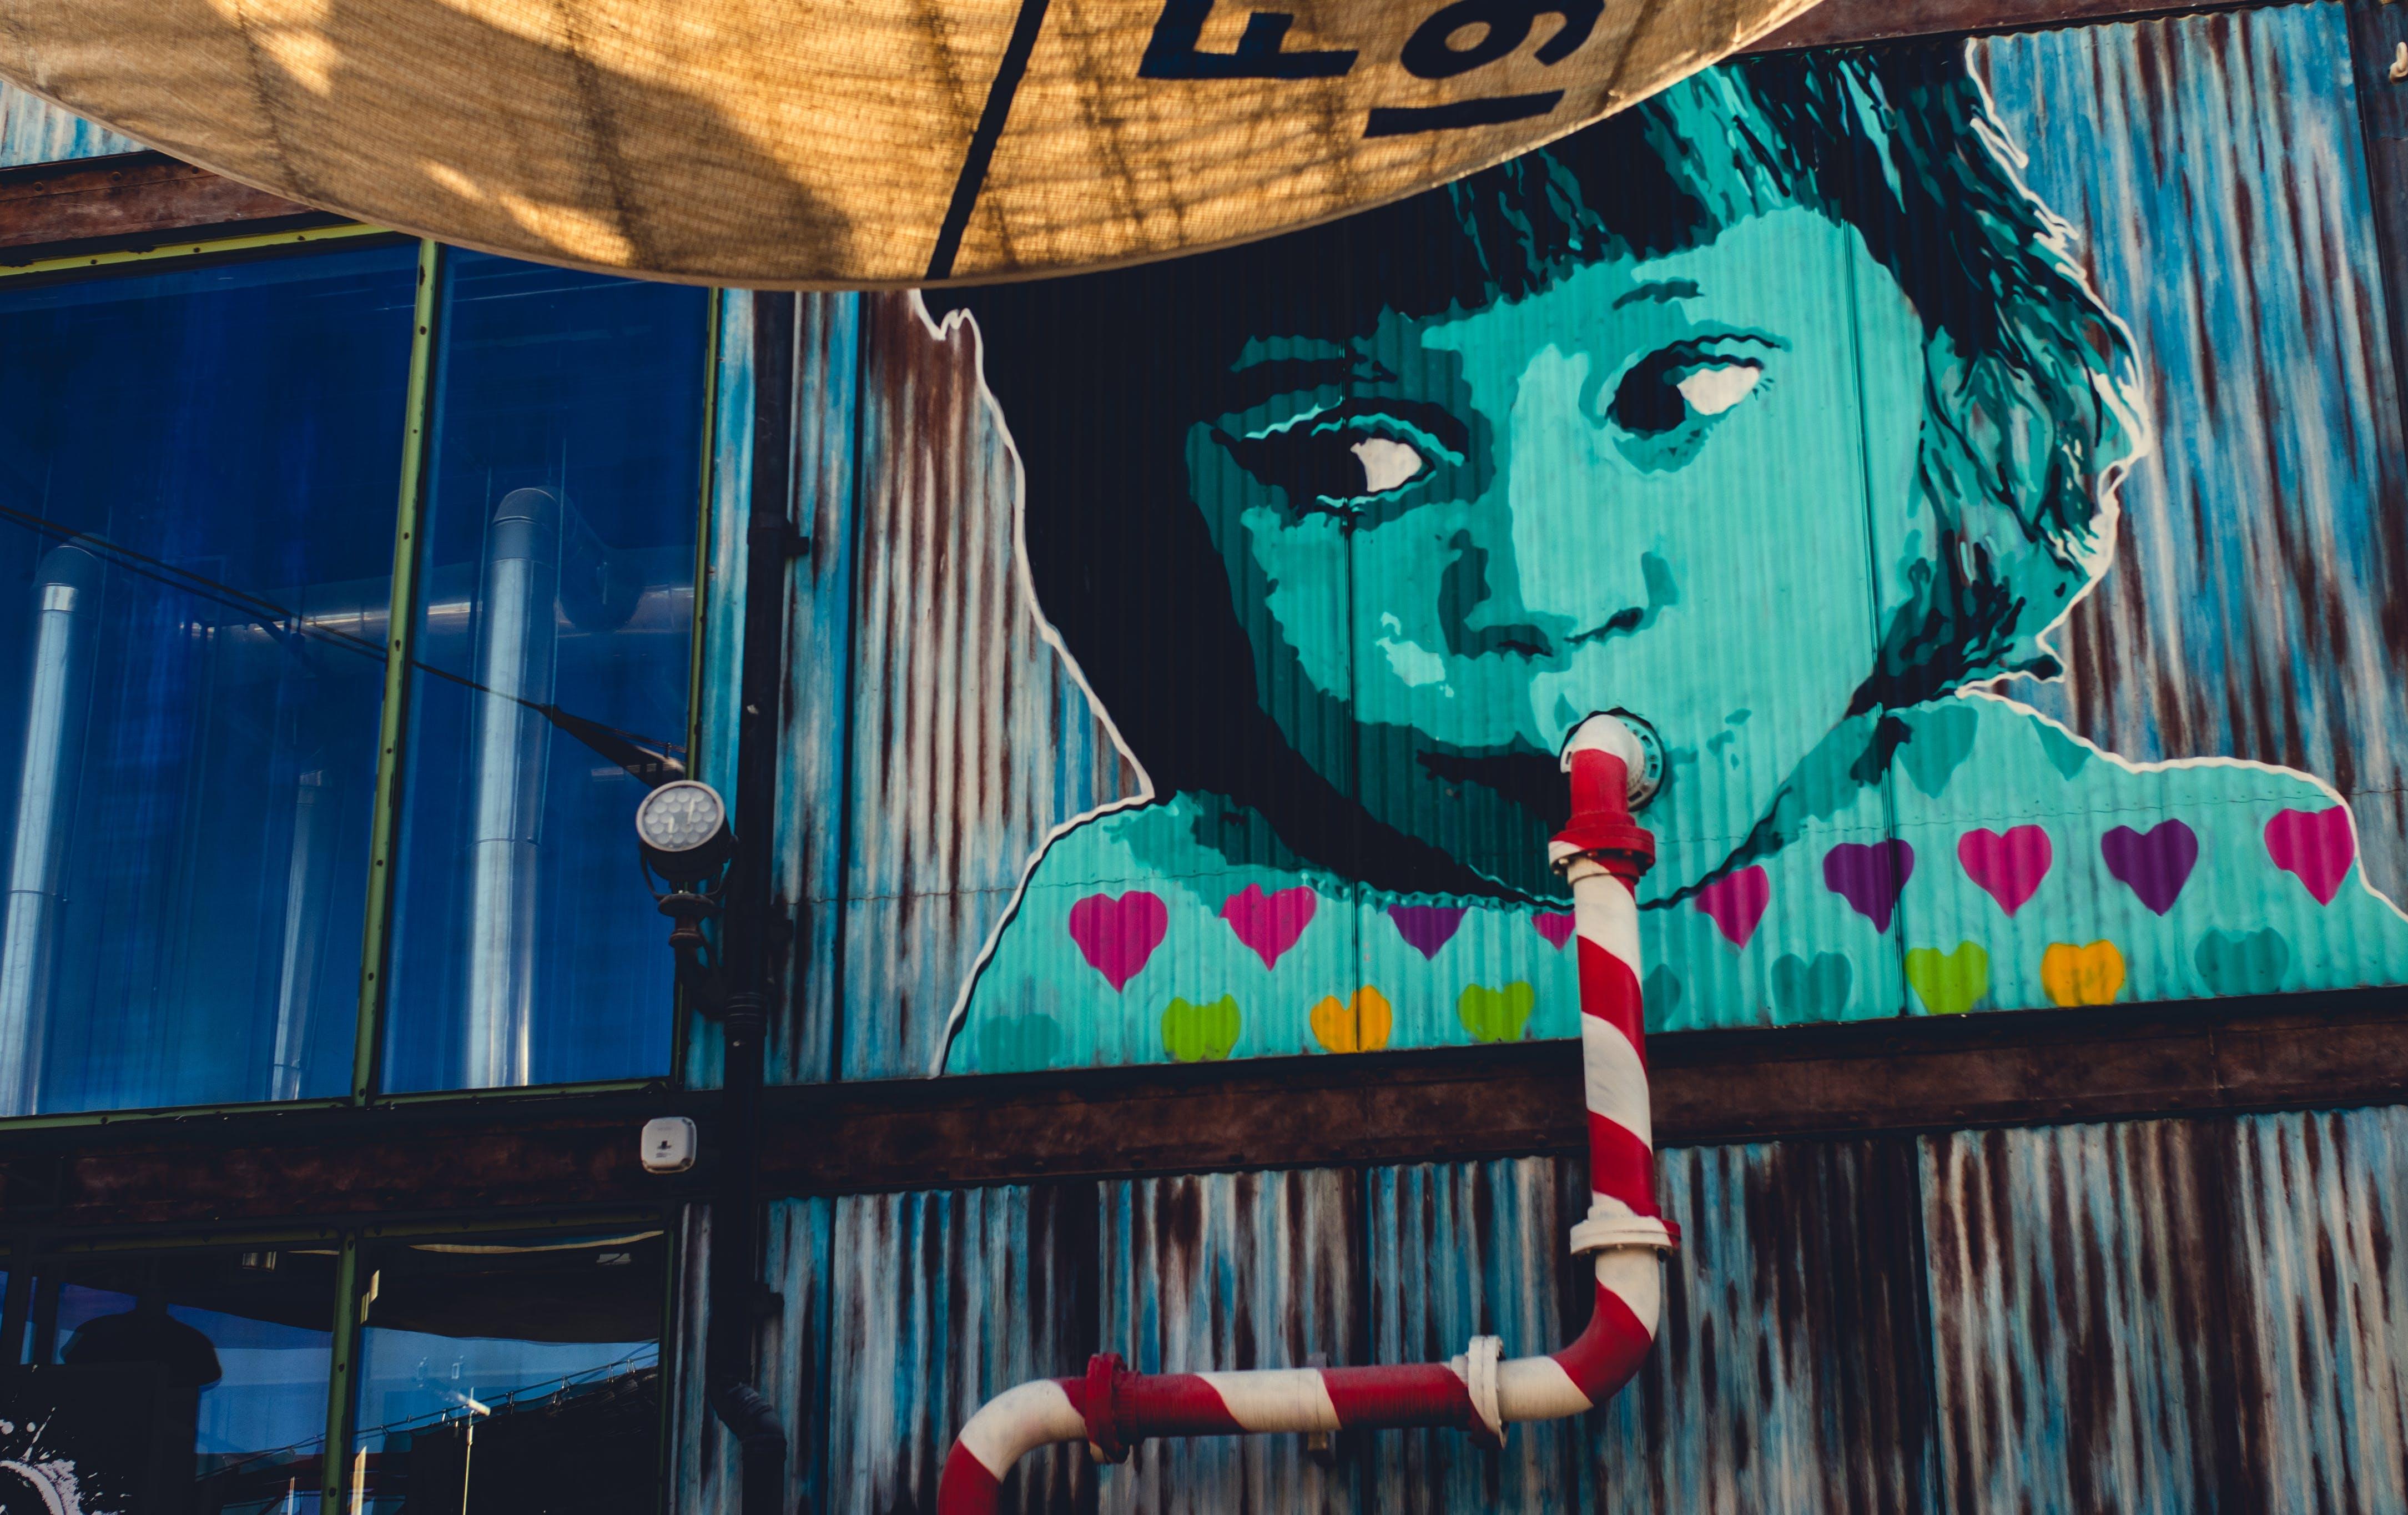 거리, 거리 사진, 거리 예술, 그래피티의 무료 스톡 사진